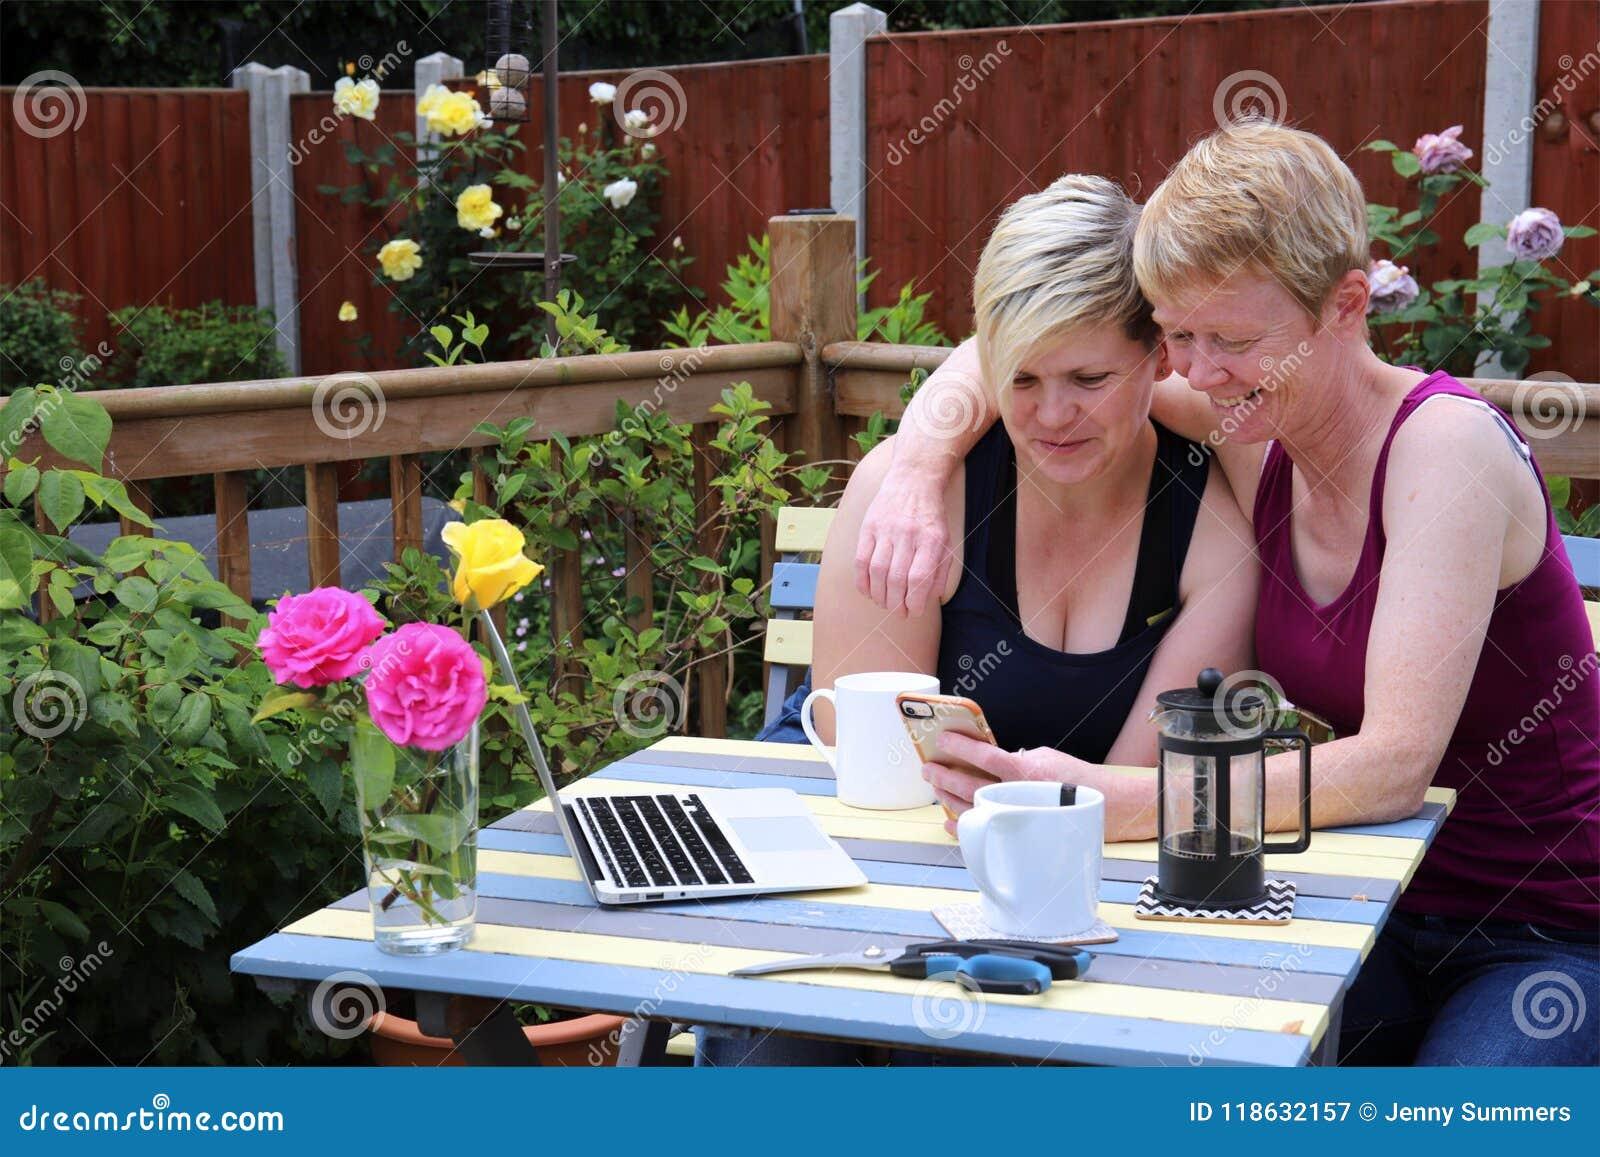 Un Heureux Les Mêmes Couples De Sexe à La Maison Dans Le Jardin